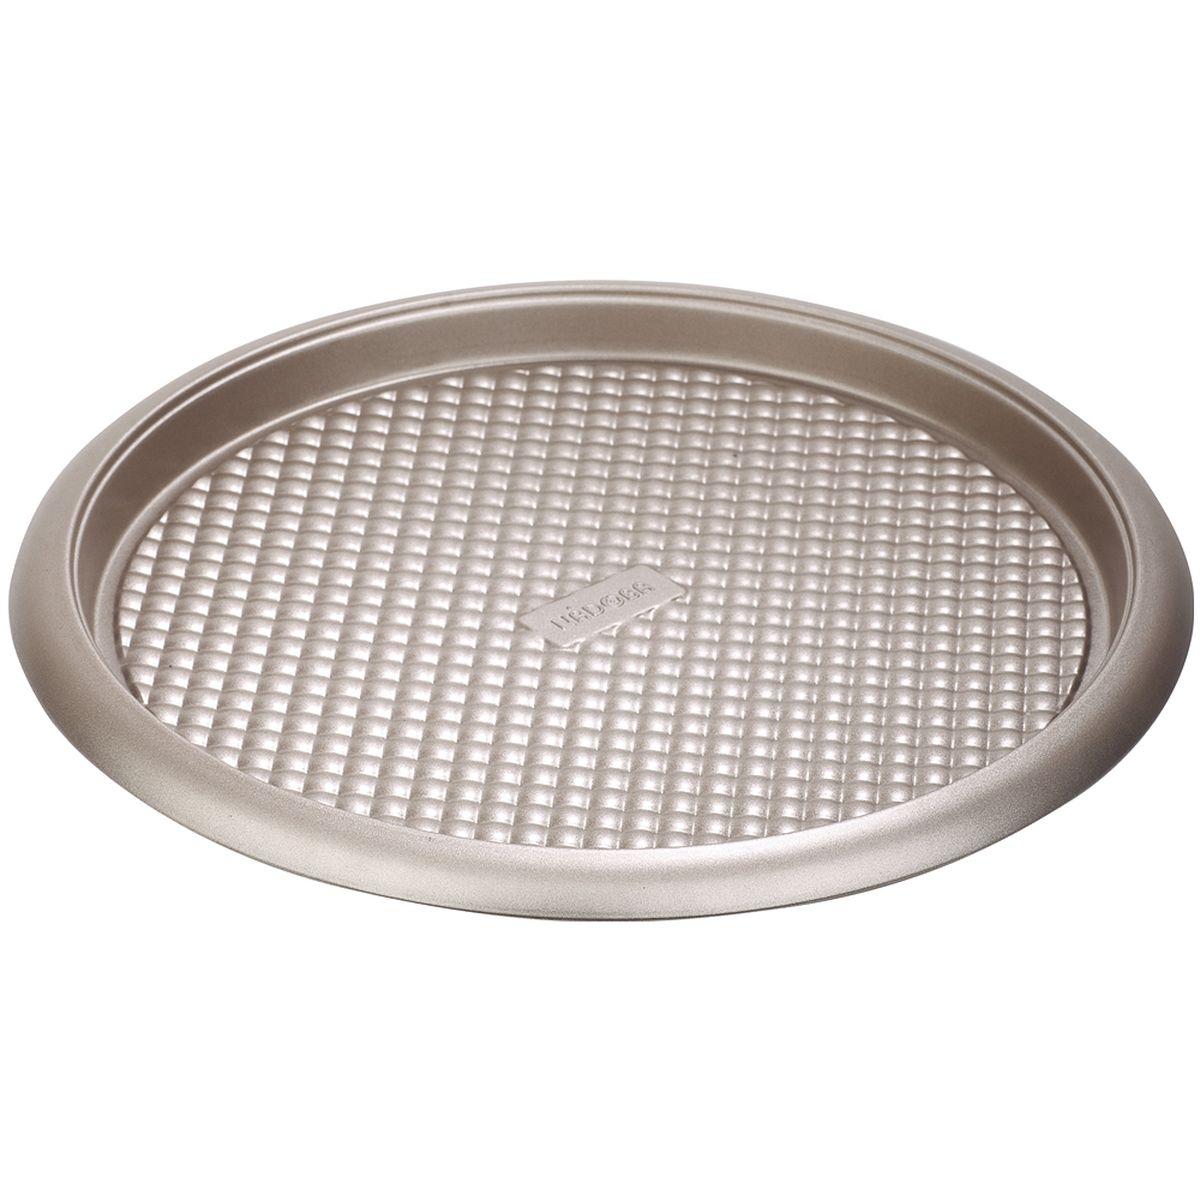 Форма круглая для пирога/пиццы Nadoba, стальная, антипригарная761018Высококачественная углеродистая сталь с усиленным безопасным антиприграным покрытием Quantum. Прочная конструкция благодаря удобным арочным бортам. Рабочая температура - до 230° С.